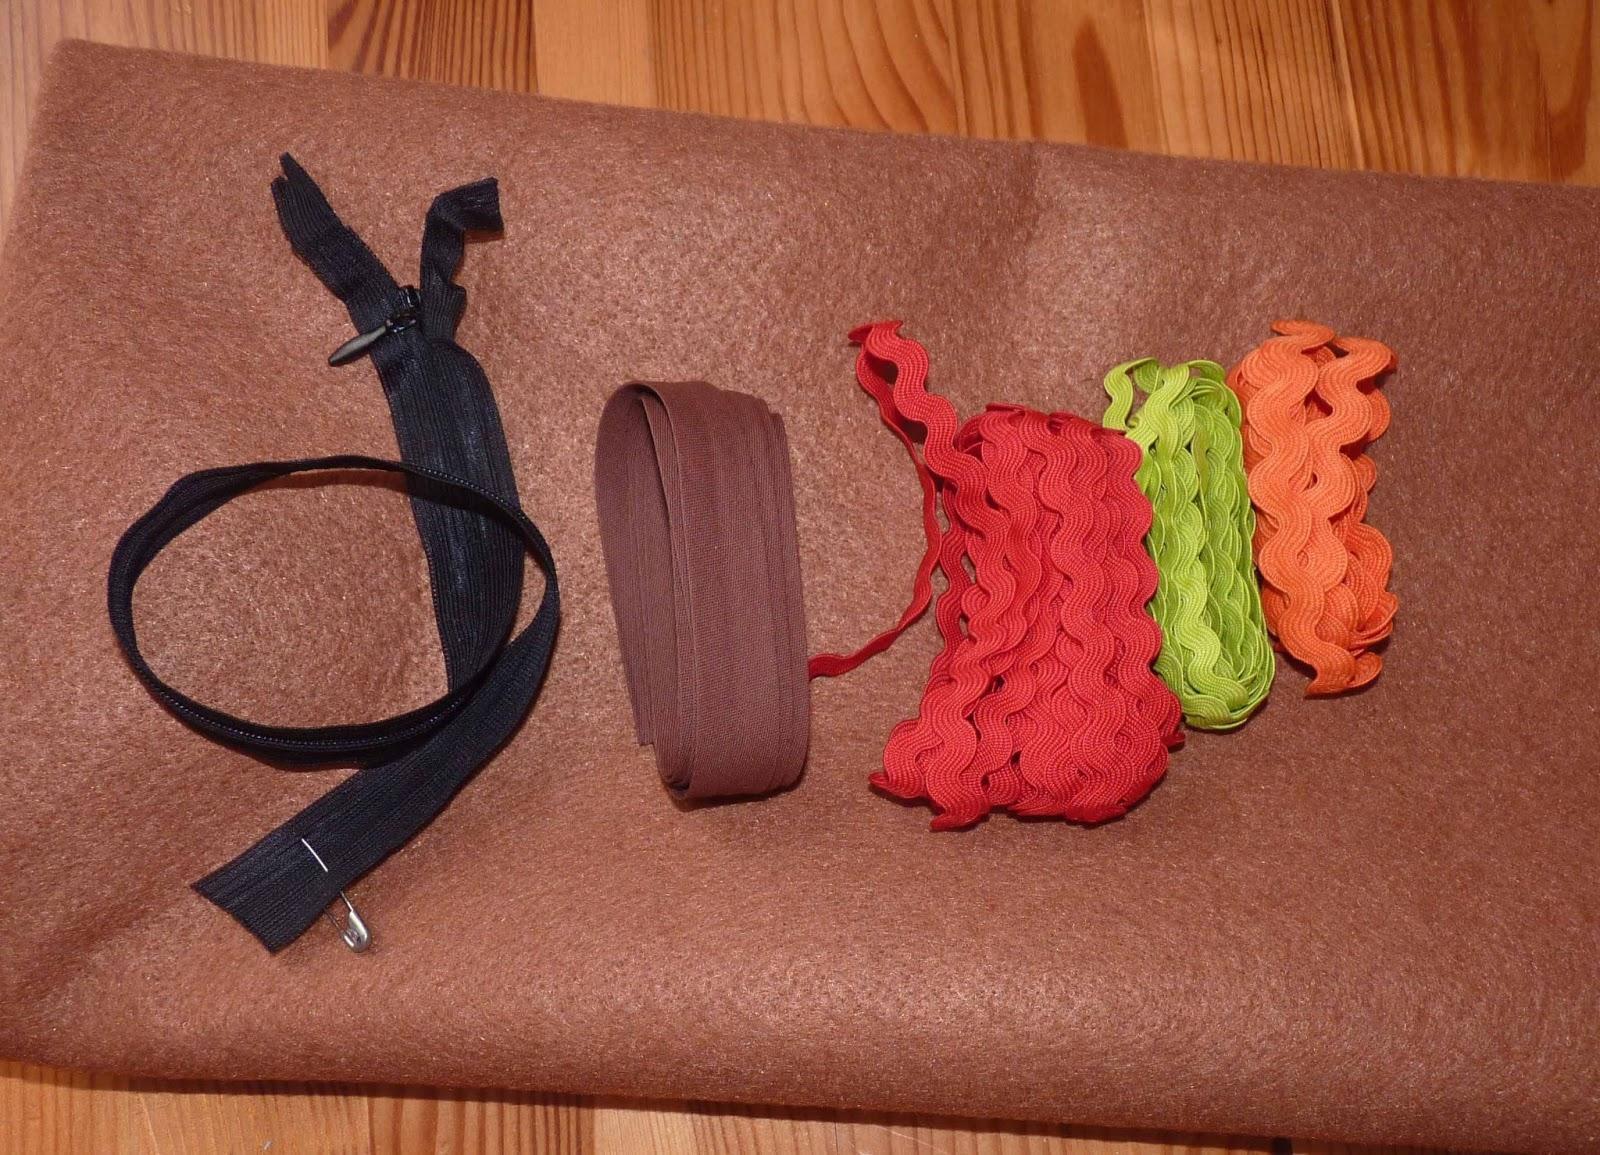 concurso reciclaje 2012 - es.slideshare.net